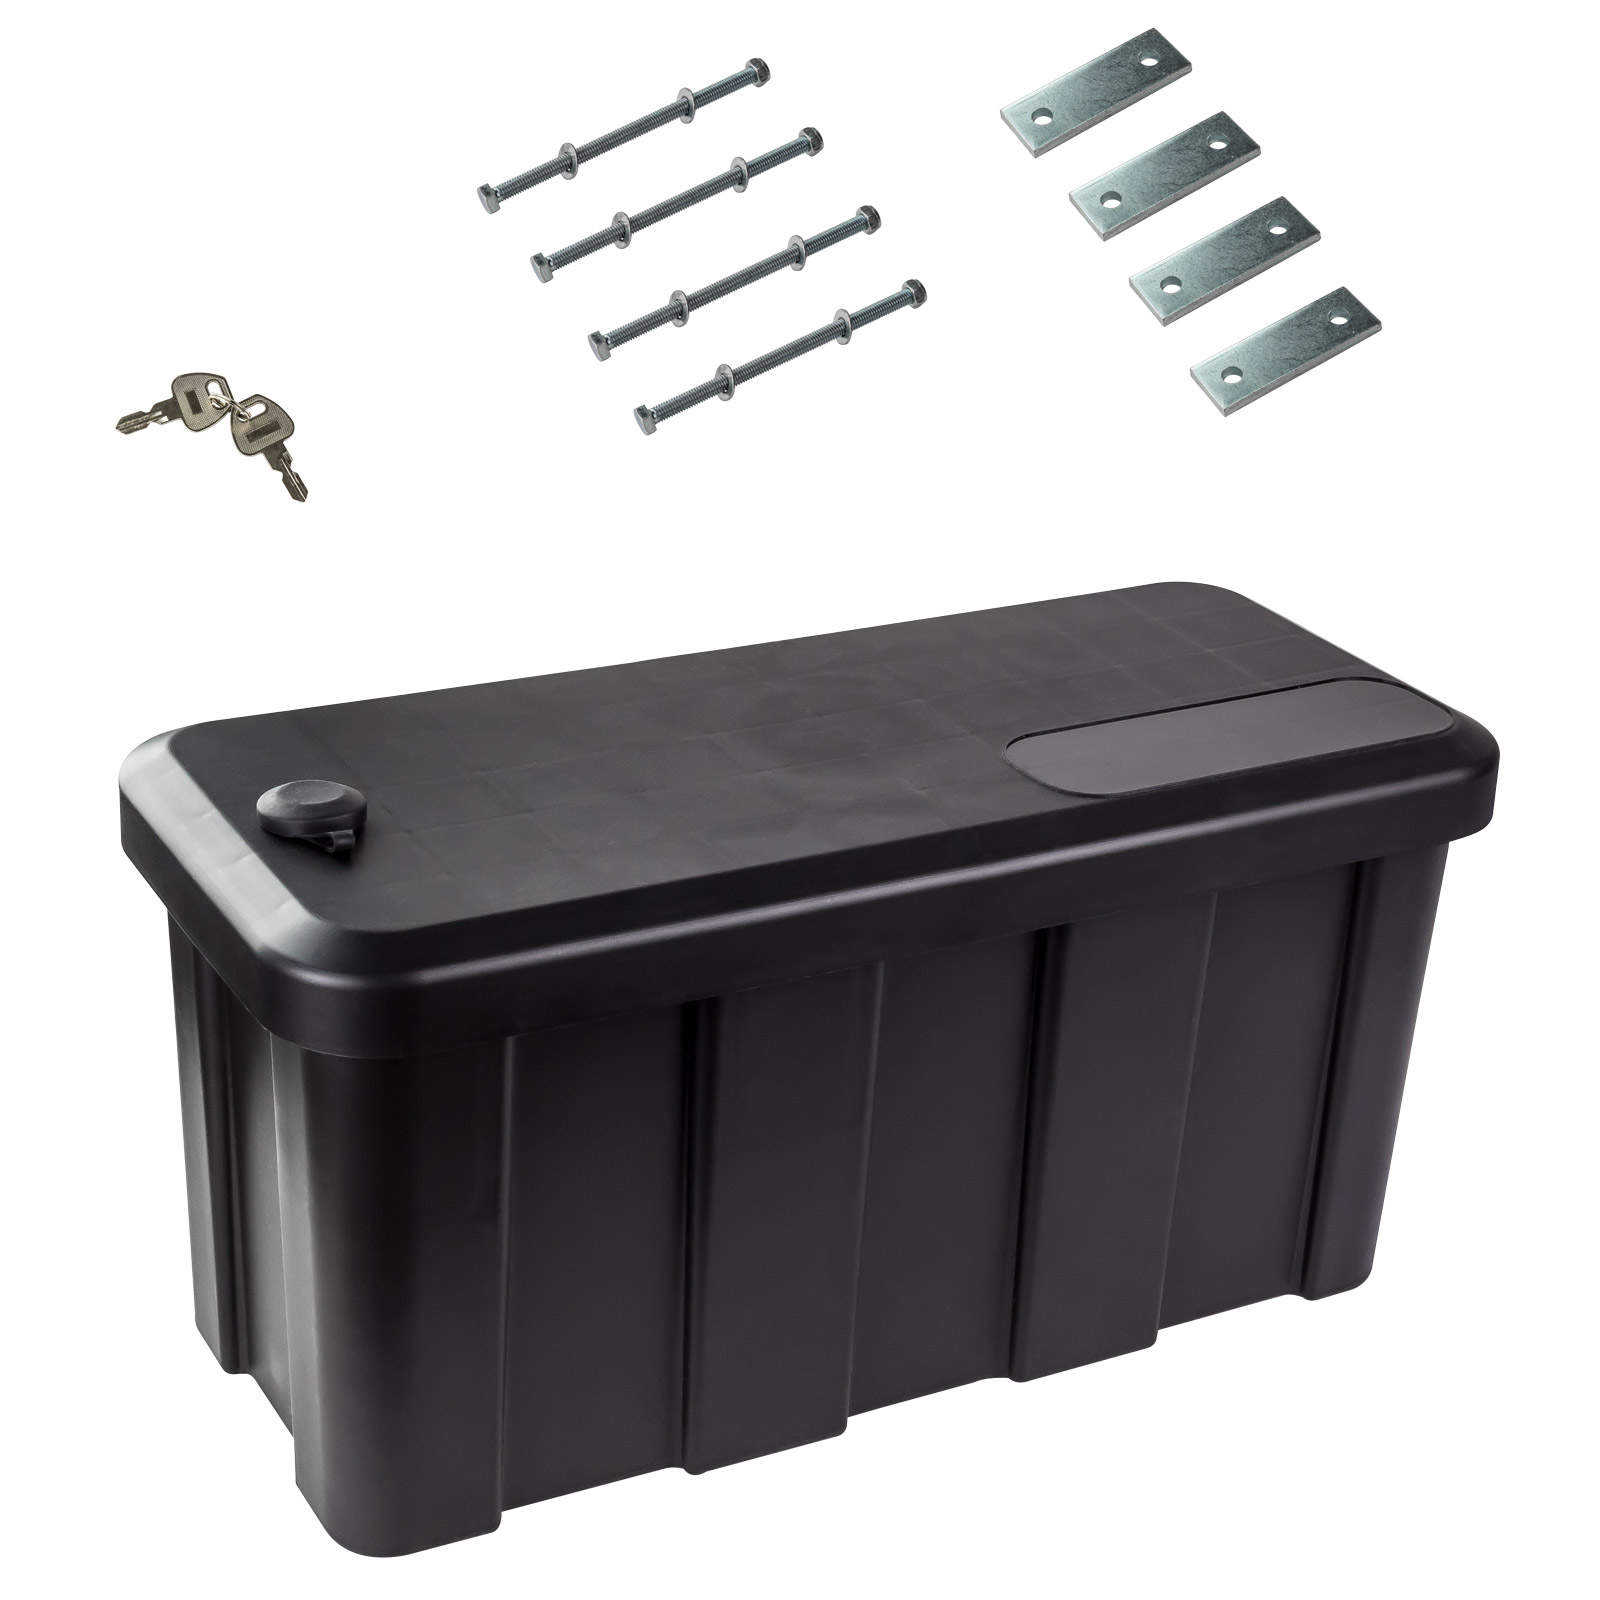 Dema Deichselbox / Werkzeugkasten / Staukasten DDB25 für Pkw, Lkw, Anhänger 24545